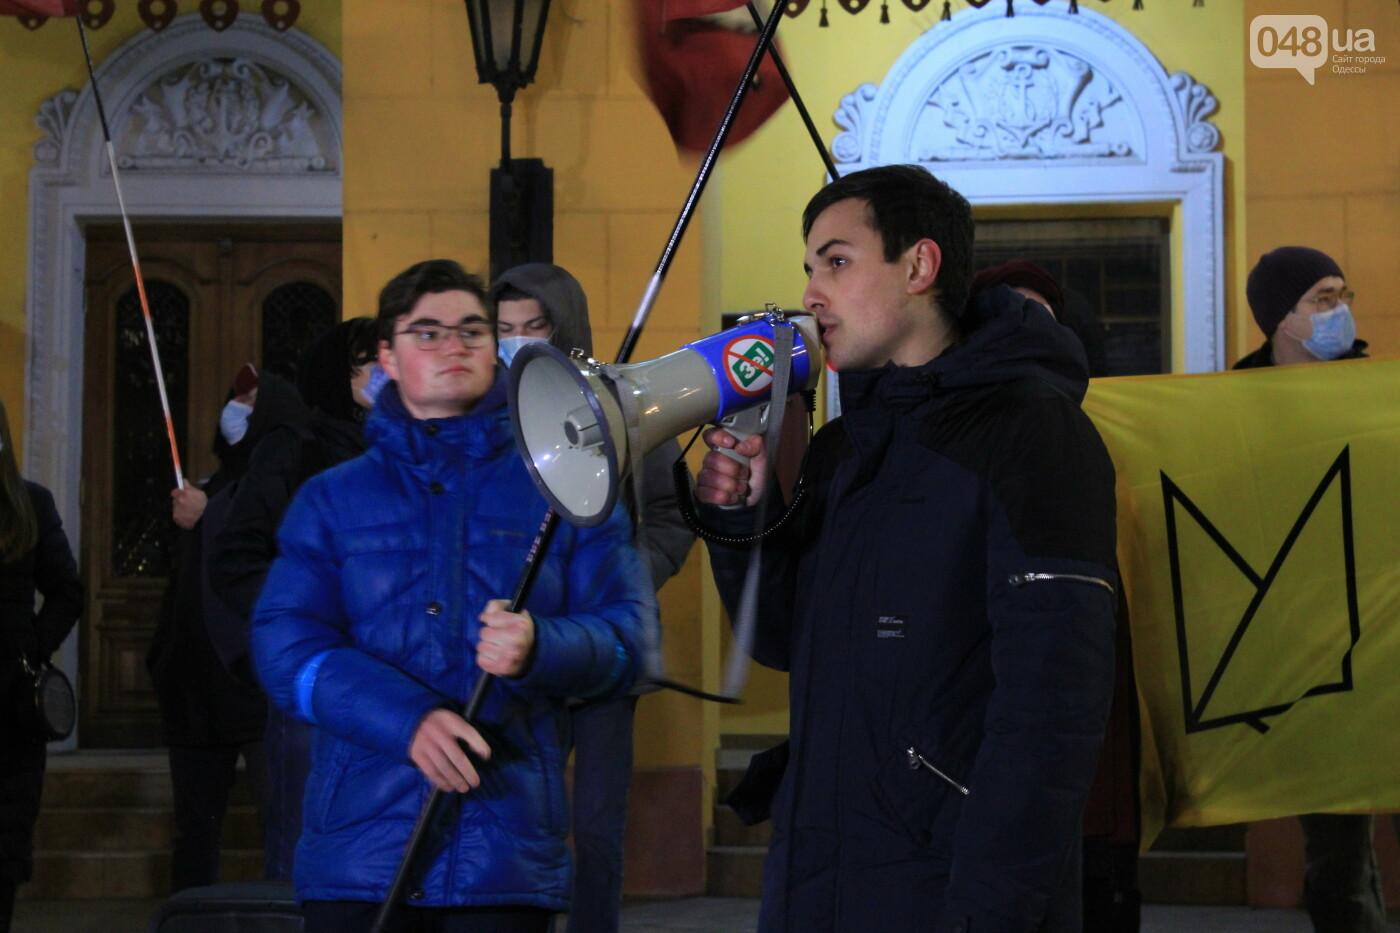 Одесский перформанс: связали и надругались над образованием возле Дюка, - ФОТО, ВИДЕО, фото-8